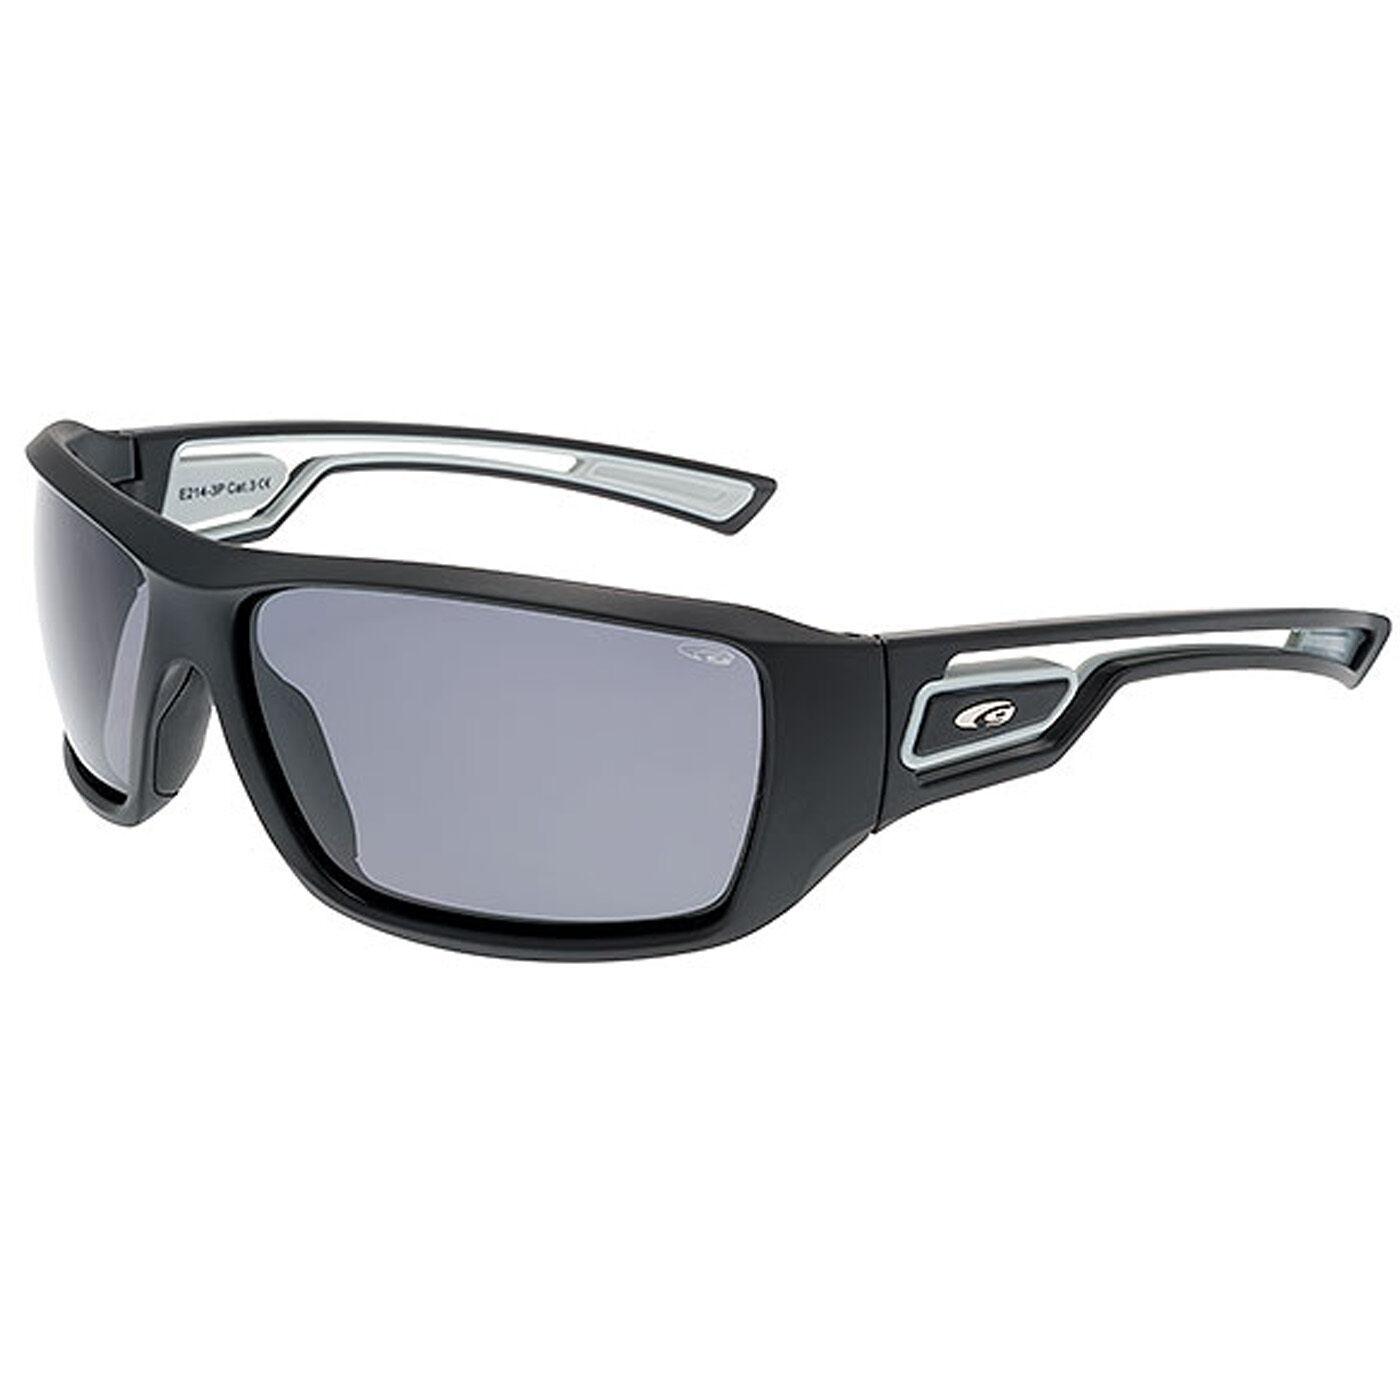 Goggle Sportbrille Sportbrille Sportbrille Sonnenbrille polarisierende Scheiben Radbrille Grilamid TR90 55ab01